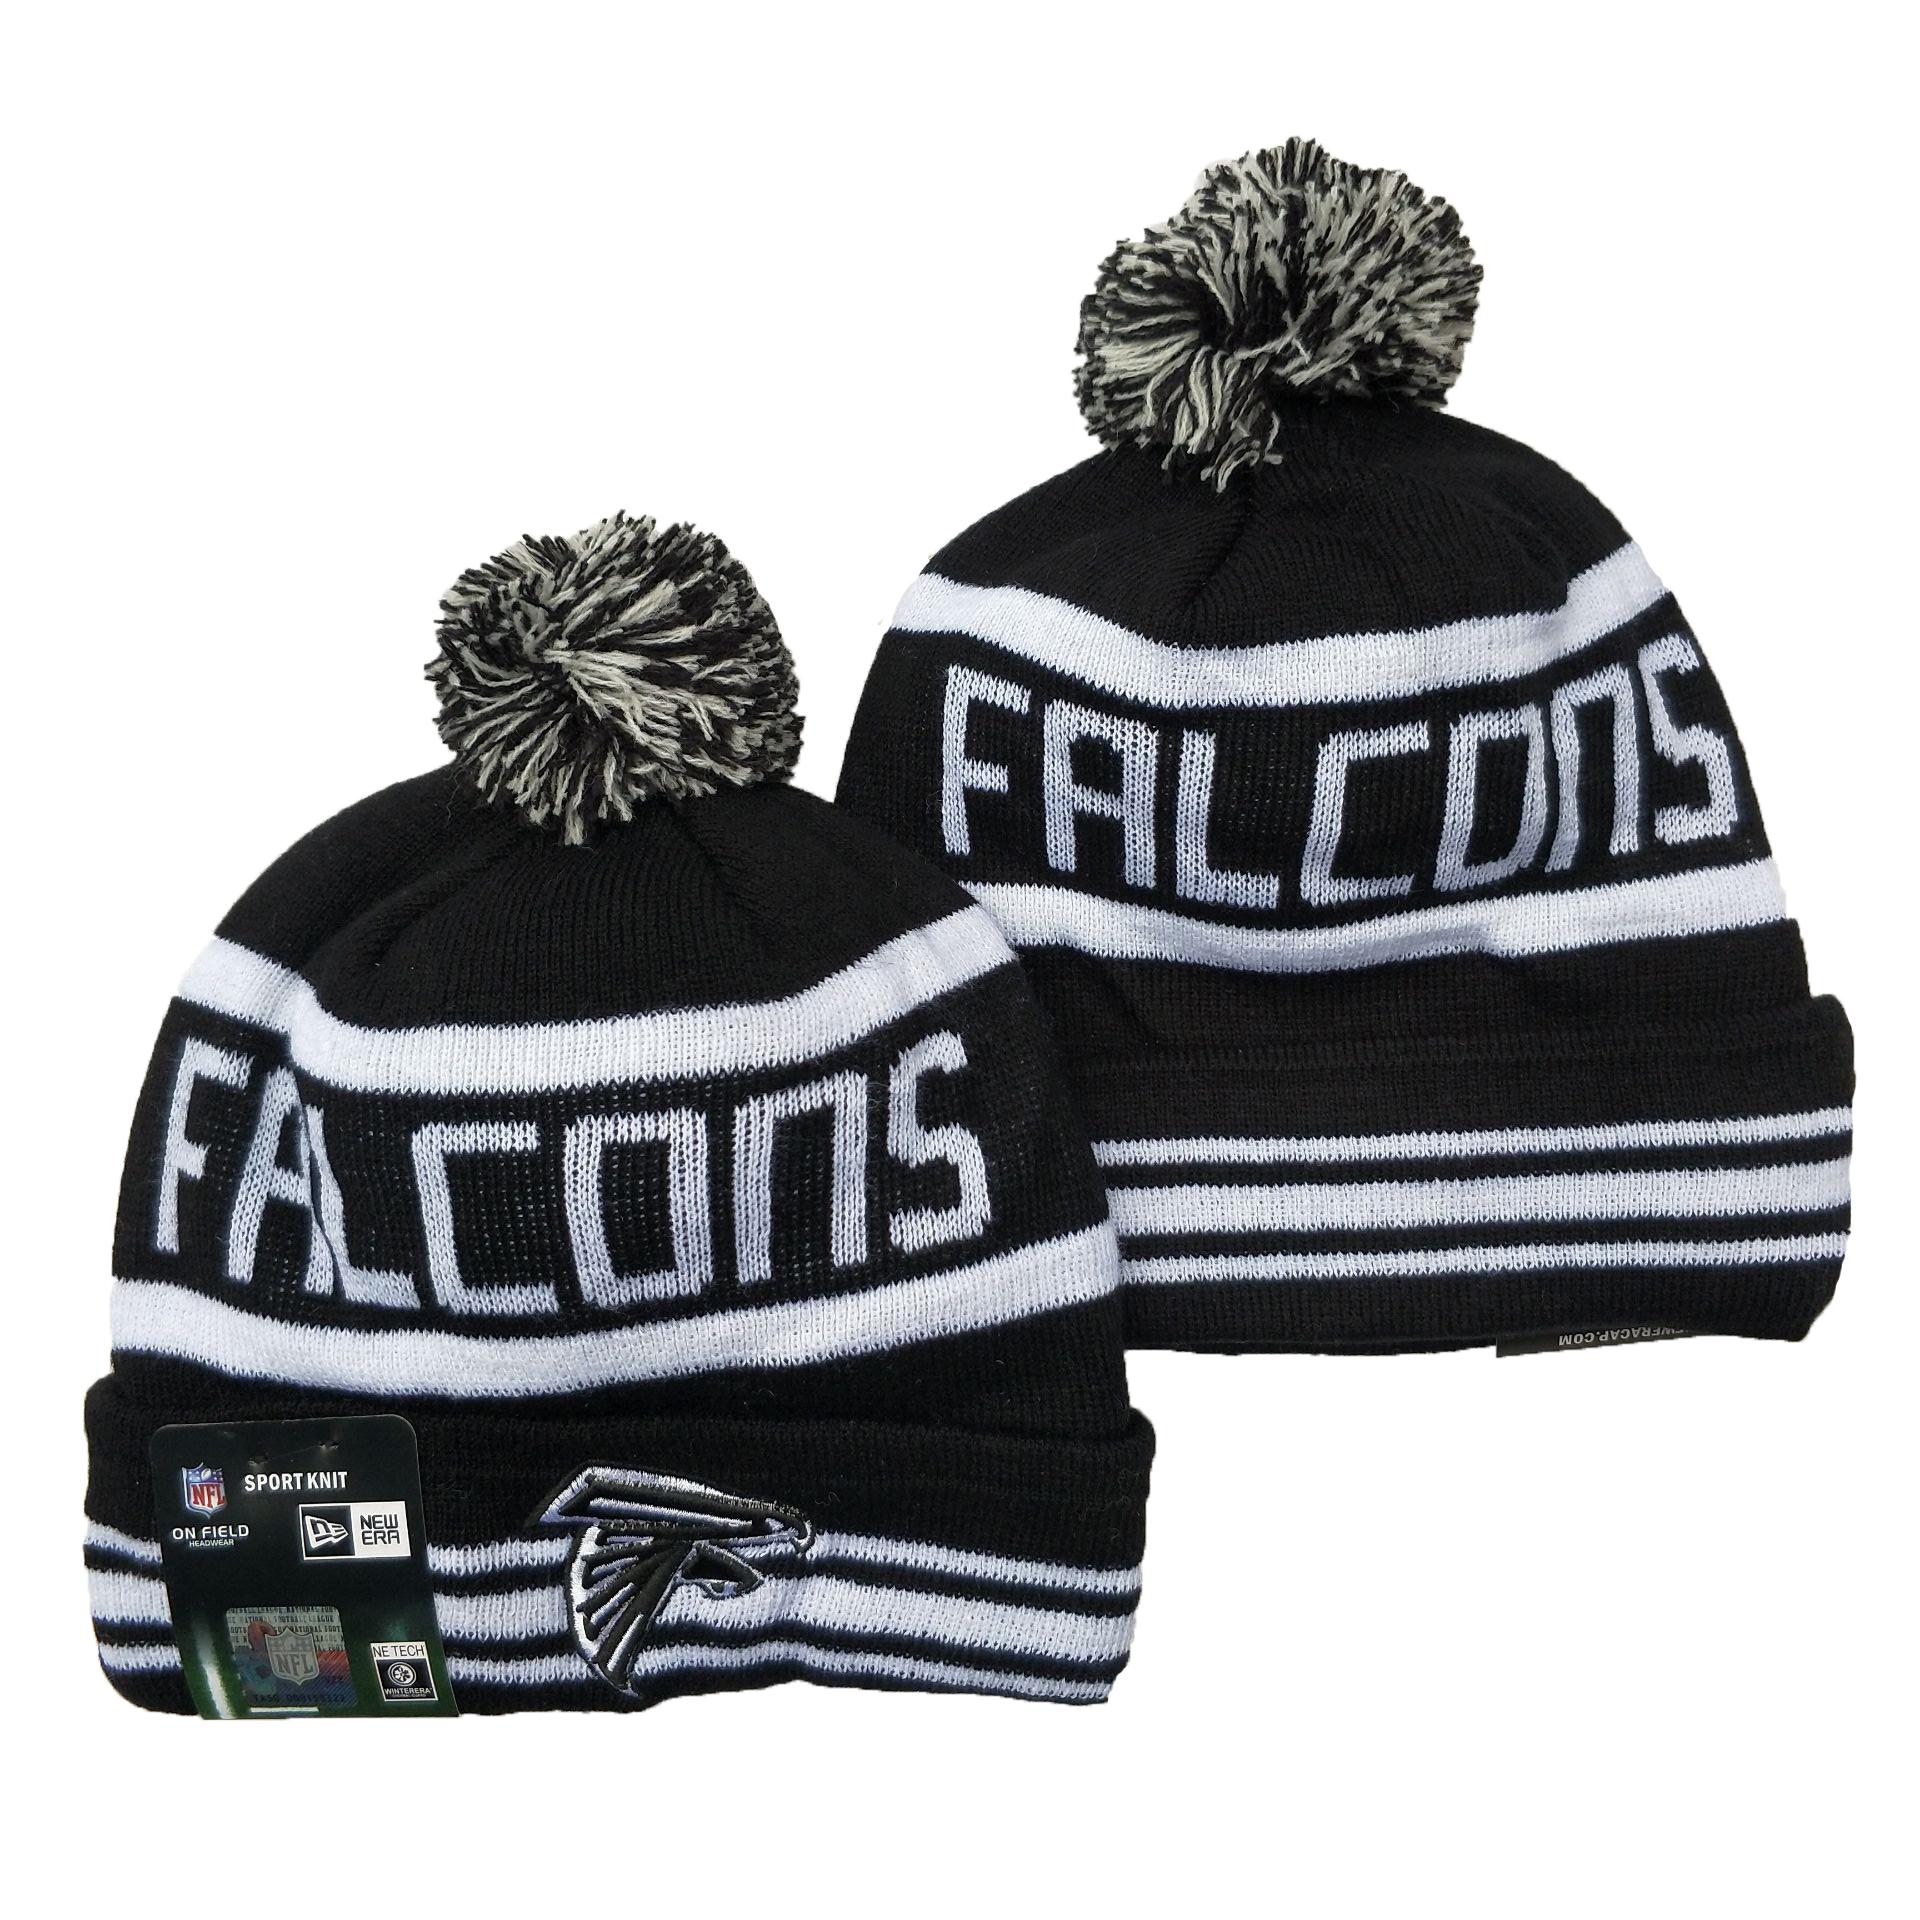 Falcons Team Logo Black Pom Cuffed Knit Hat YD